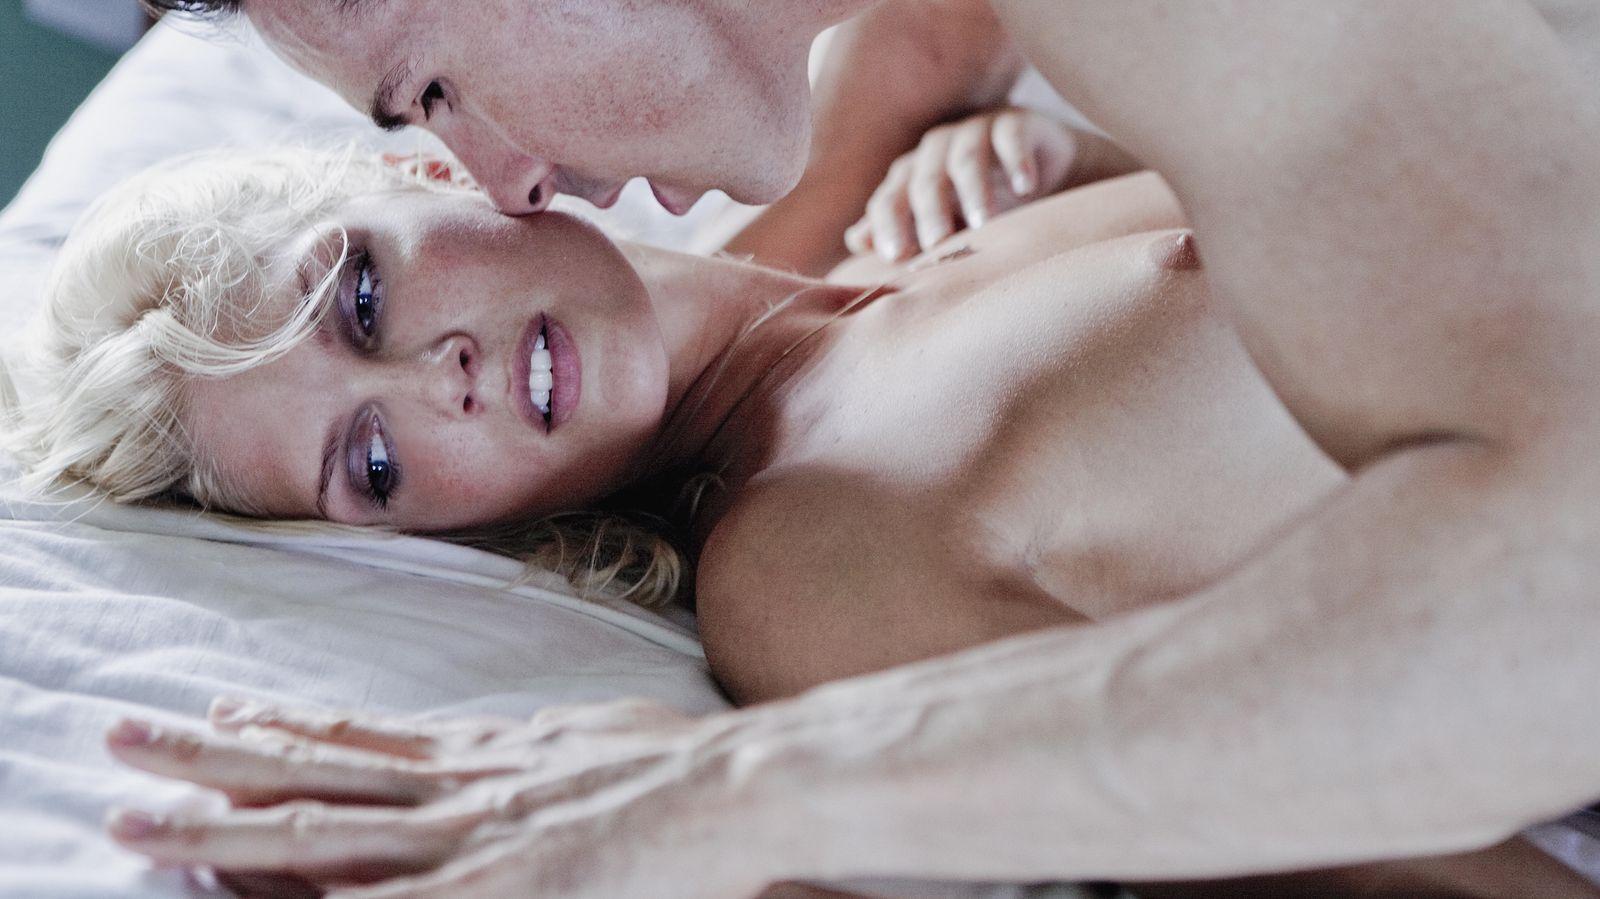 Foto: Desviar la mirada, estirar las piernas, encorvar la espaldas, gritar... ¿Qué sensaciones son las que les hacen retorcerse de placer? (Corbis)